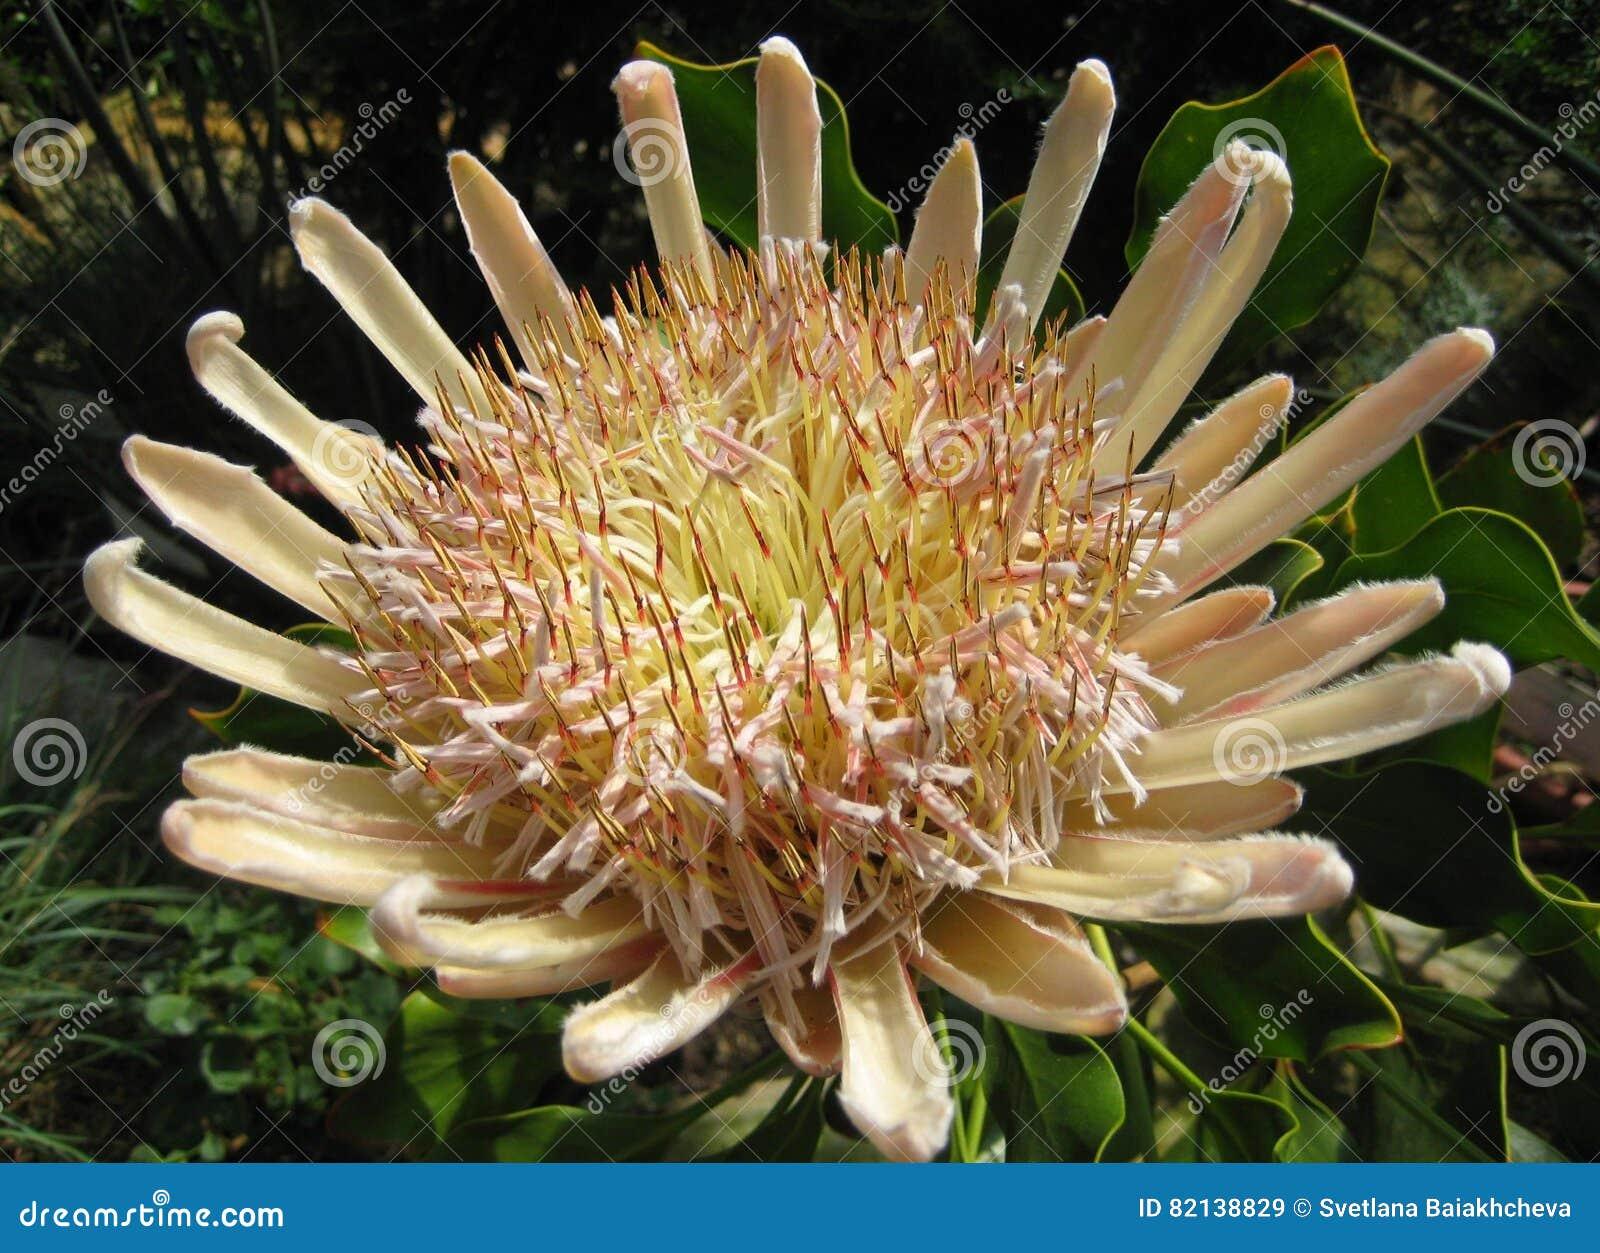 Μακρο φωτογραφία ενός μοναδικού λουλουδιού στη φύση - βασιλιάς Proteas Protea cynaroides, το εθνικό σύμβολο της Νότιας Αφρικής